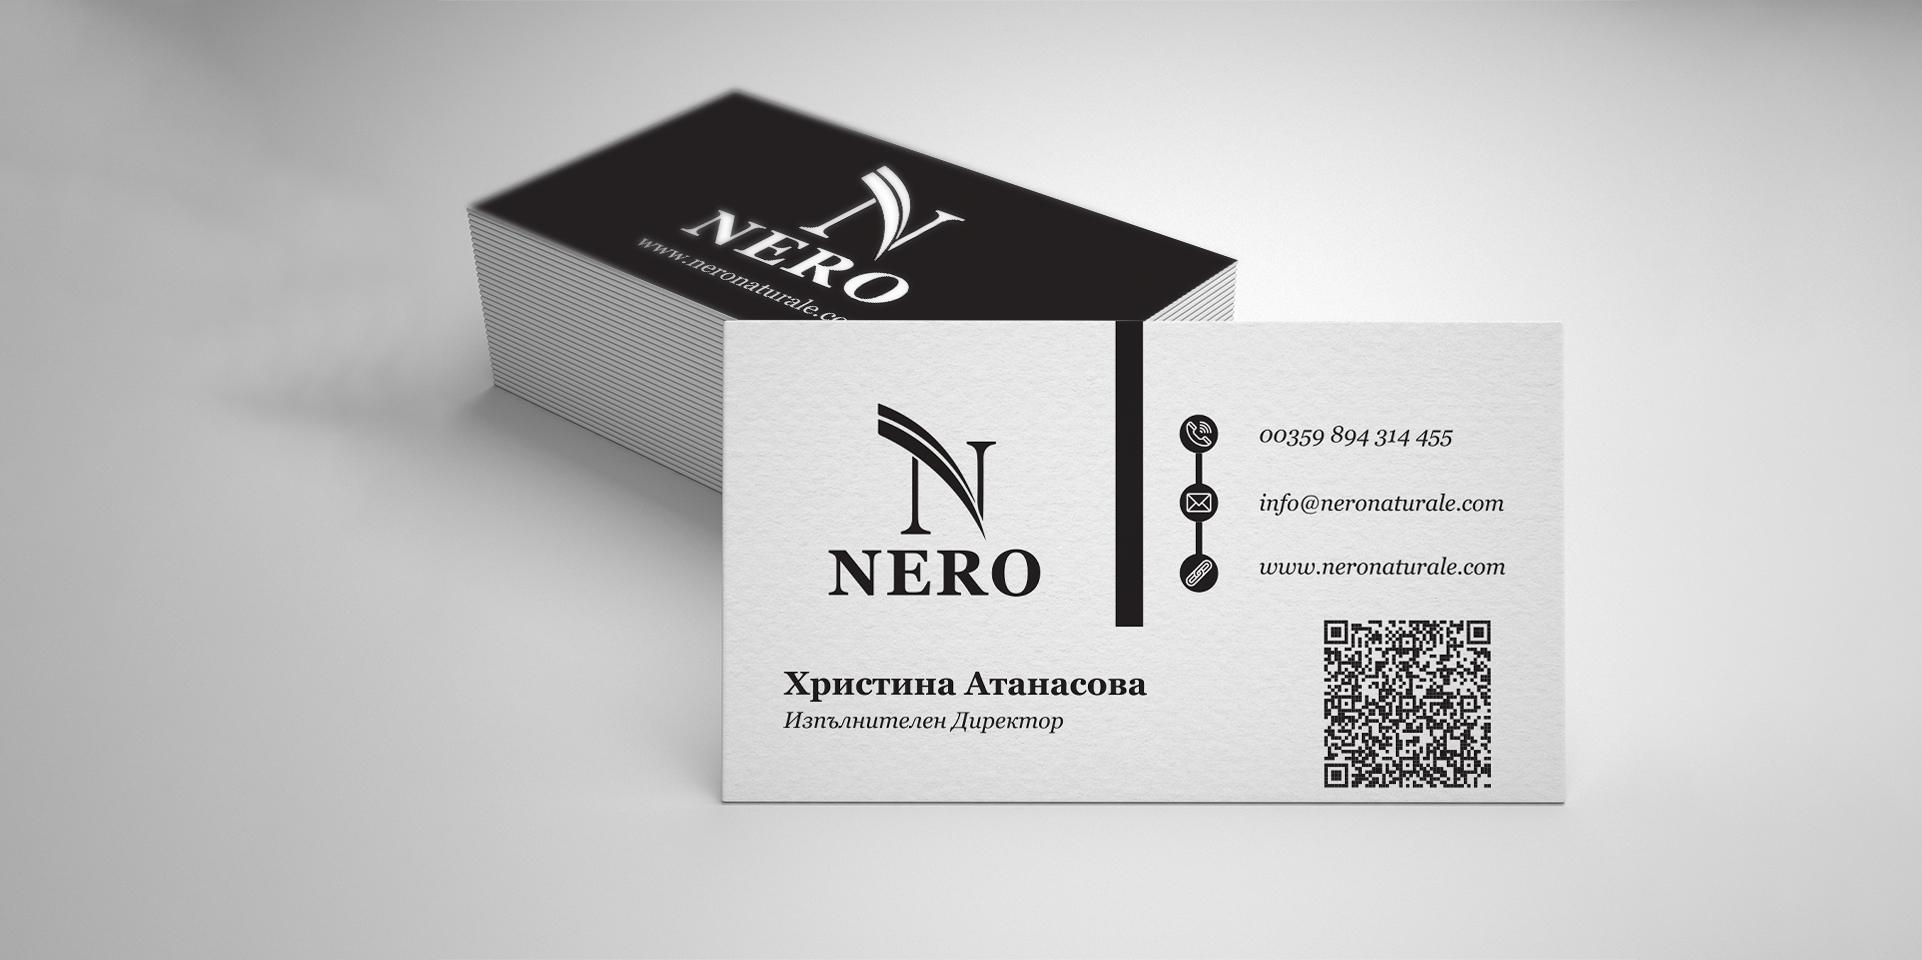 Nero for men визитки